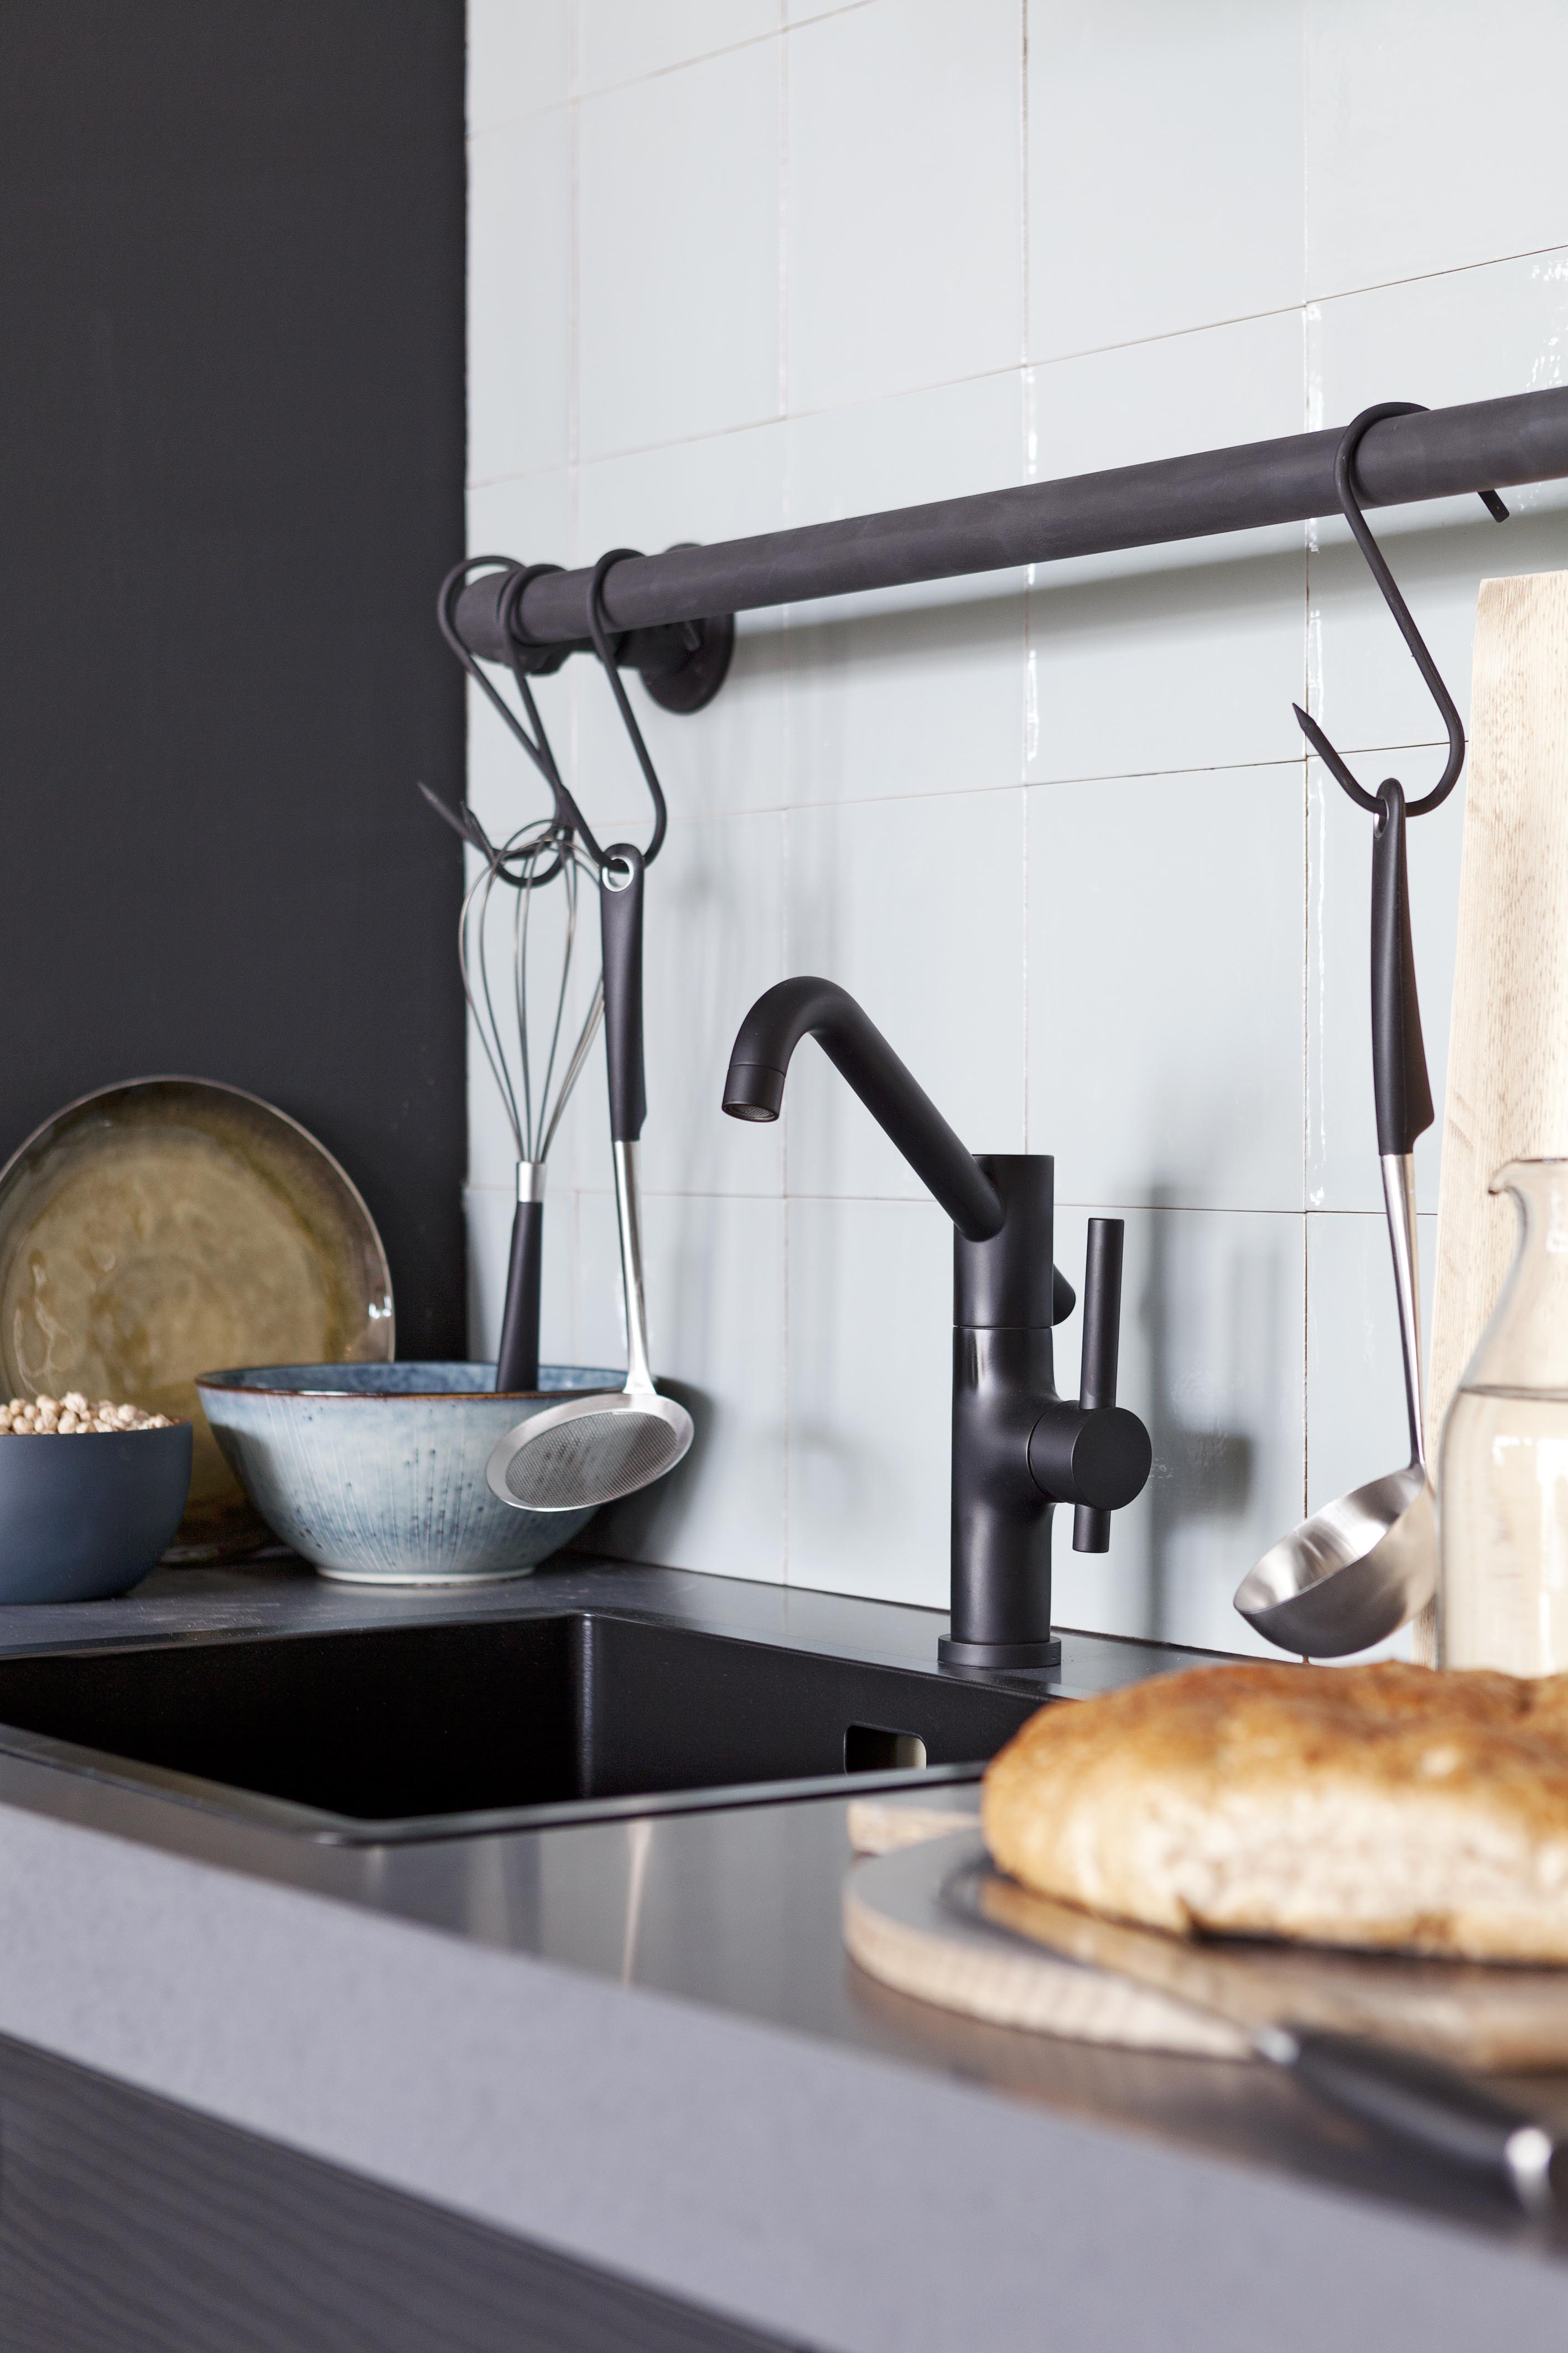 Stoere zwarte keukenkraan in donkere keuken met stijlvolle witte ...